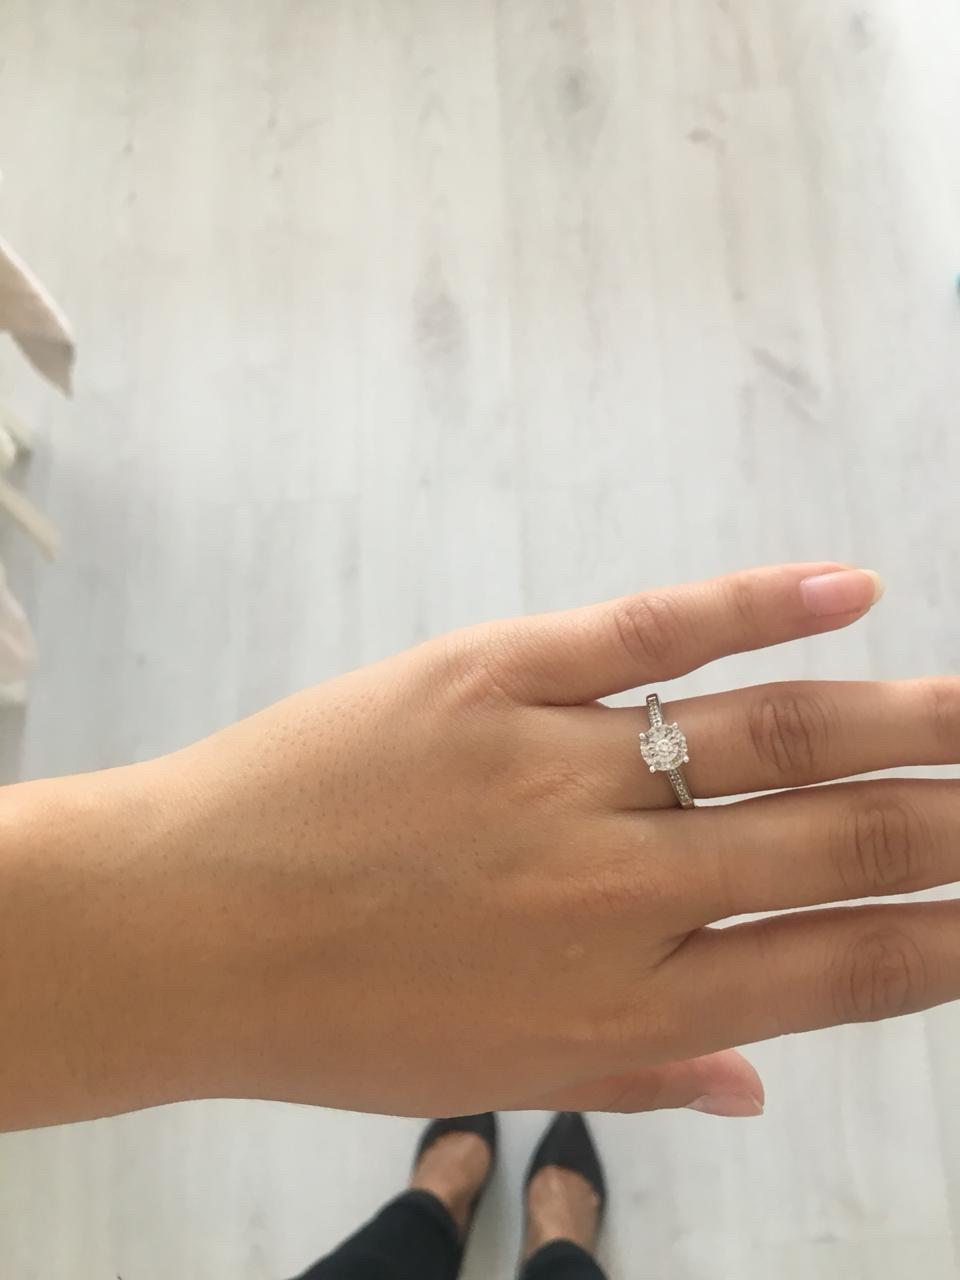 Очень красивое кольцо!!! муж подарил на годовщину свадьбы, очень рада